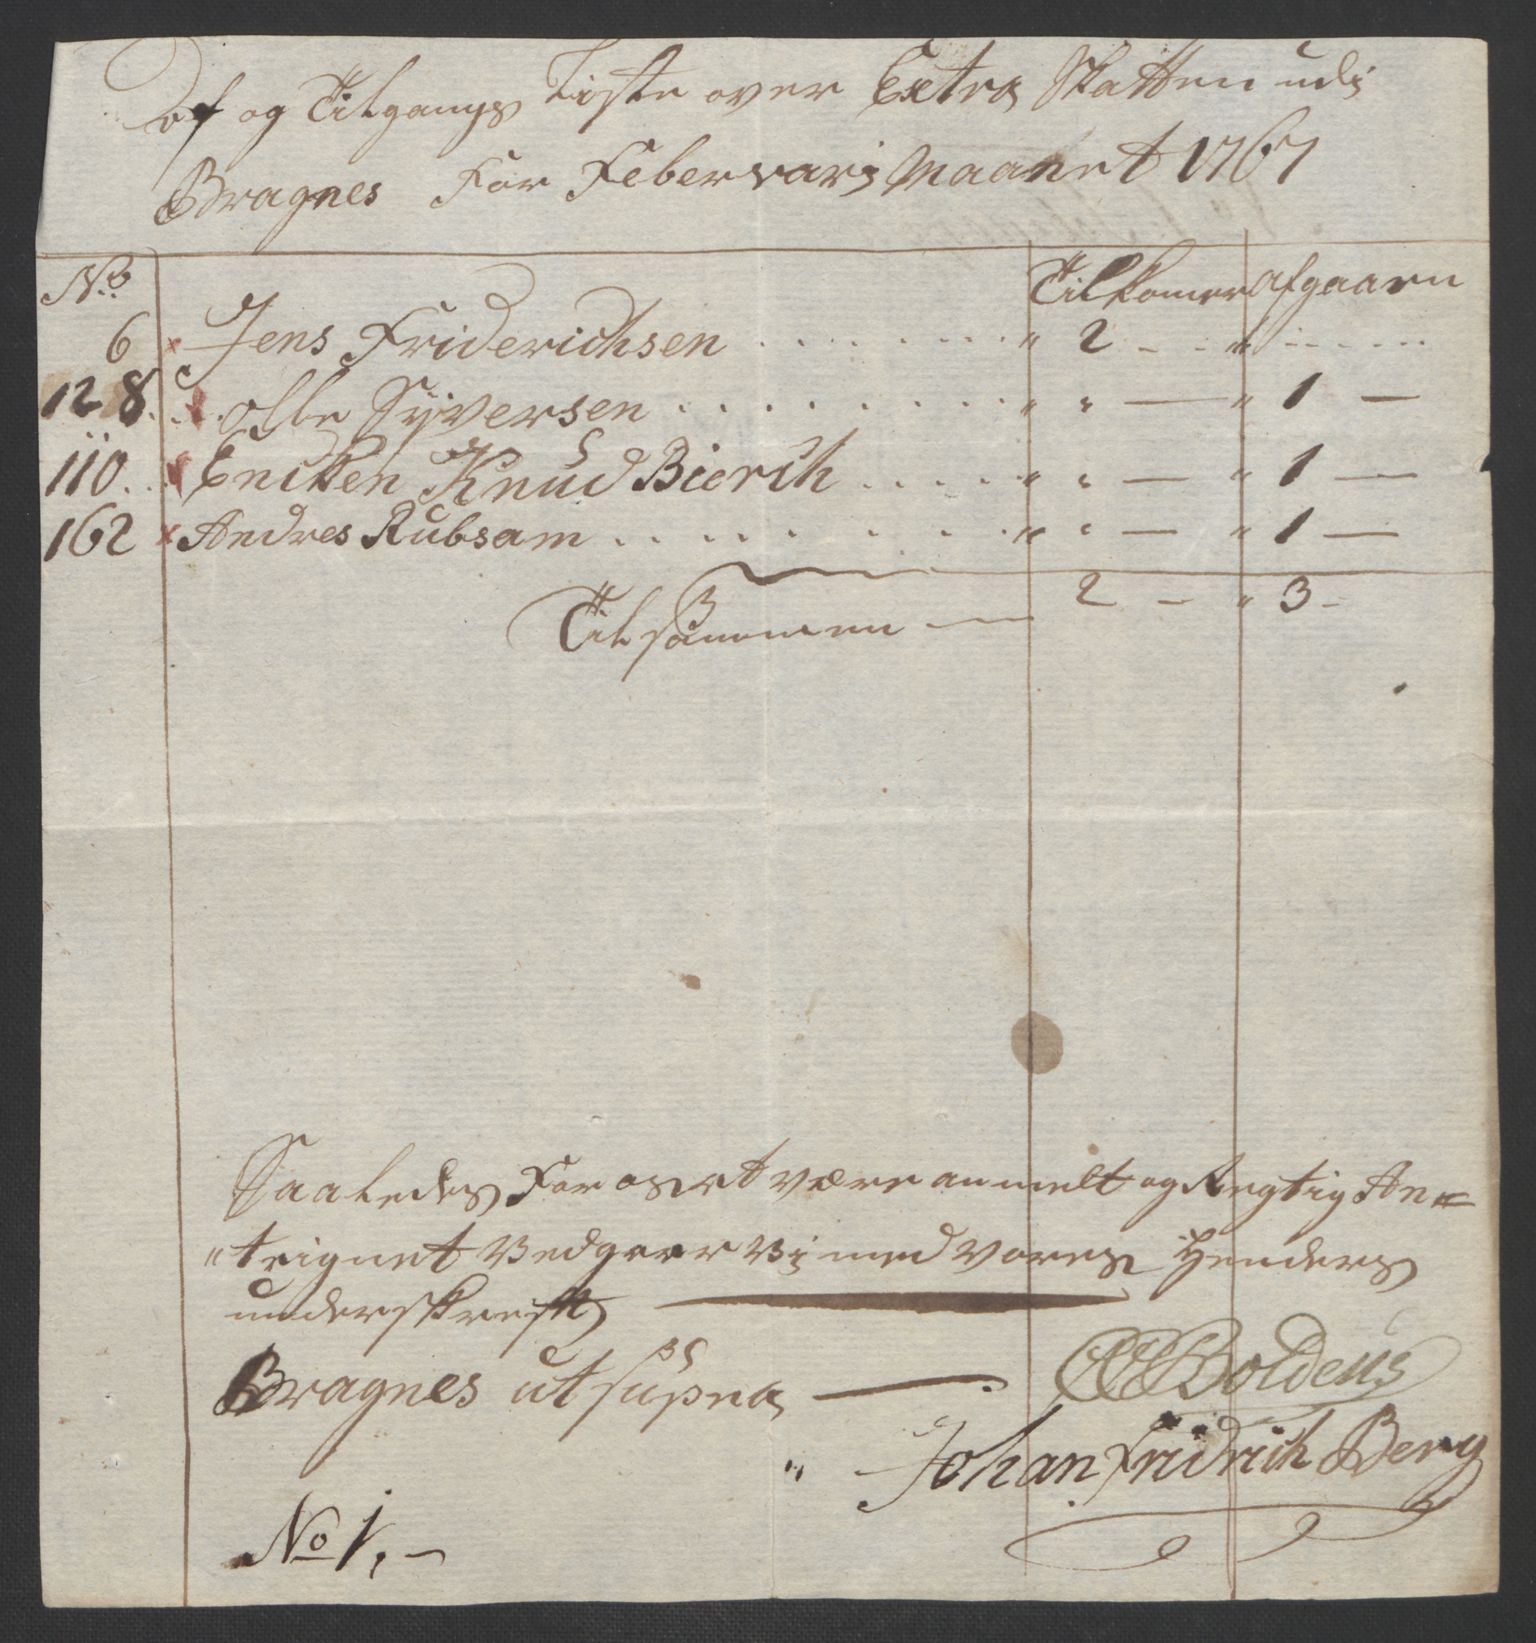 RA, Rentekammeret inntil 1814, Reviderte regnskaper, Byregnskaper, R/Rf/L0119: [F2] Kontribusjonsregnskap, 1762-1767, s. 397